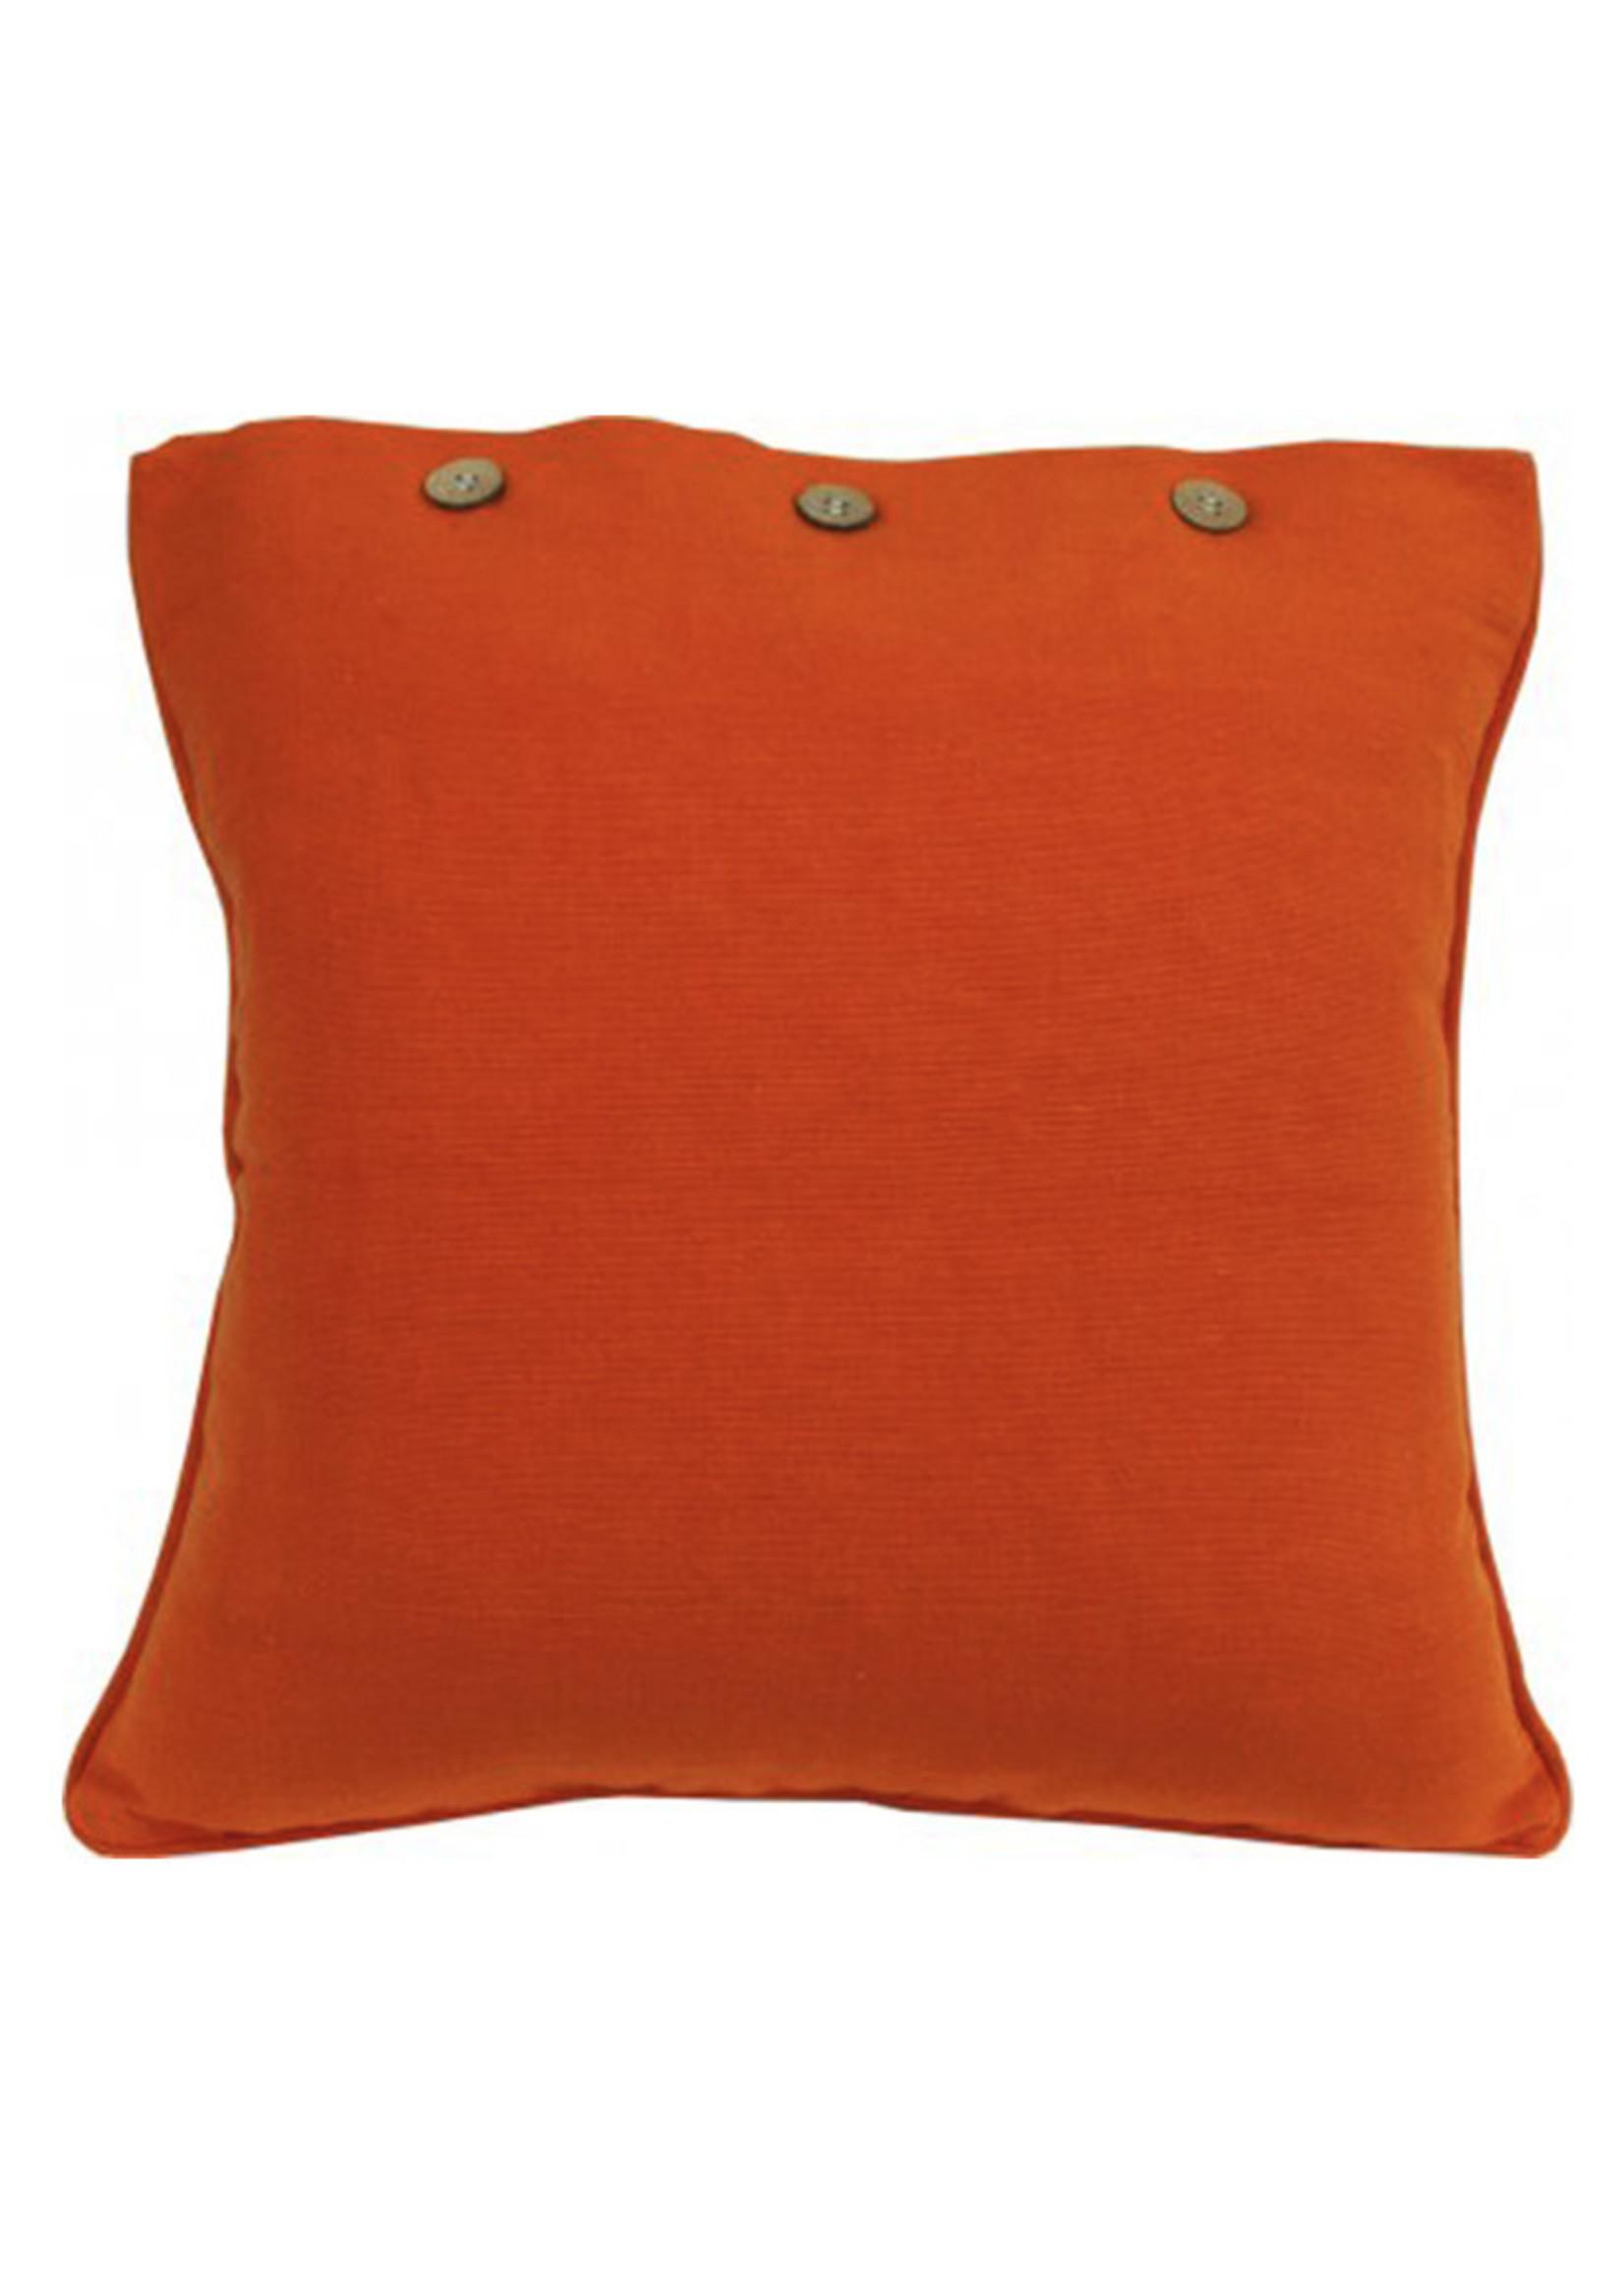 Craft Studio Orange Cushion Cover 40x40cm